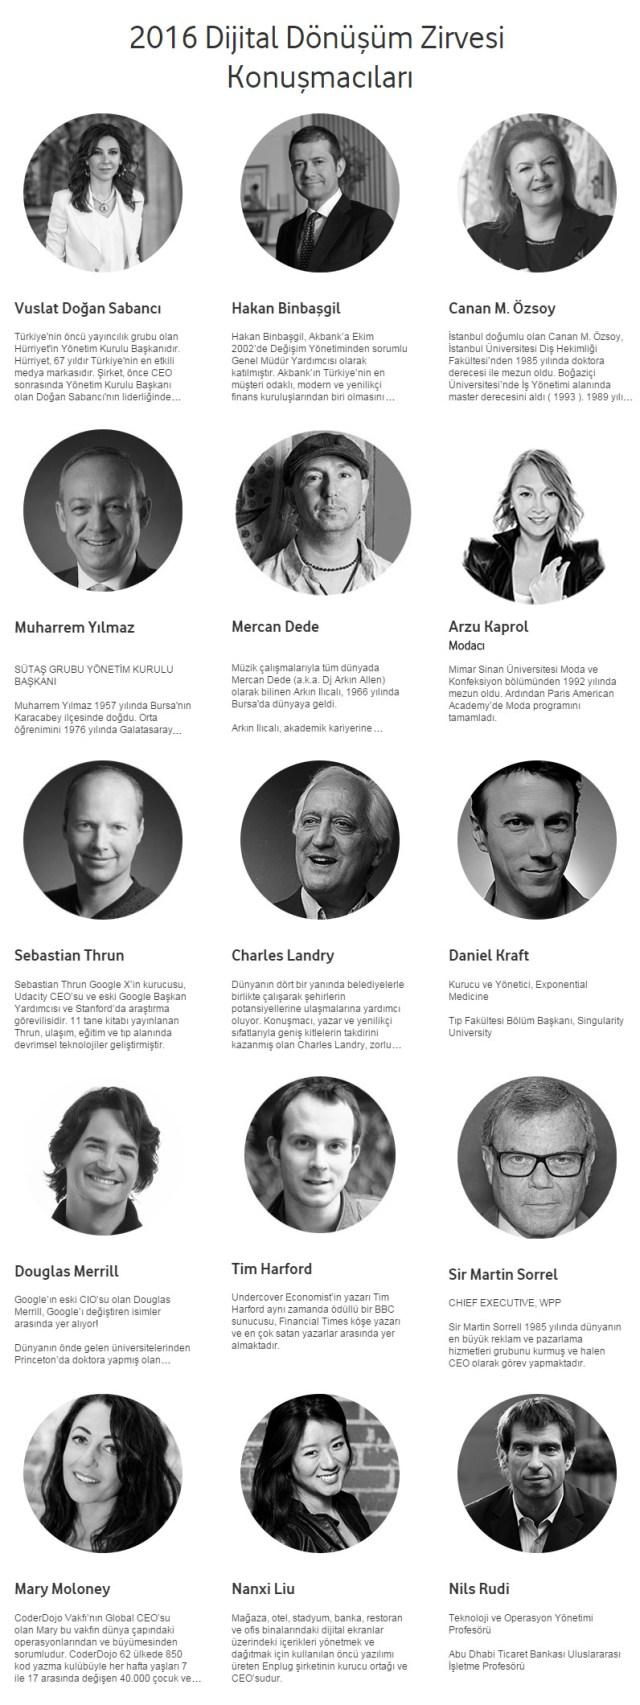 2016 Dijital Dönüşüm Zirvesi Konuşmacıları